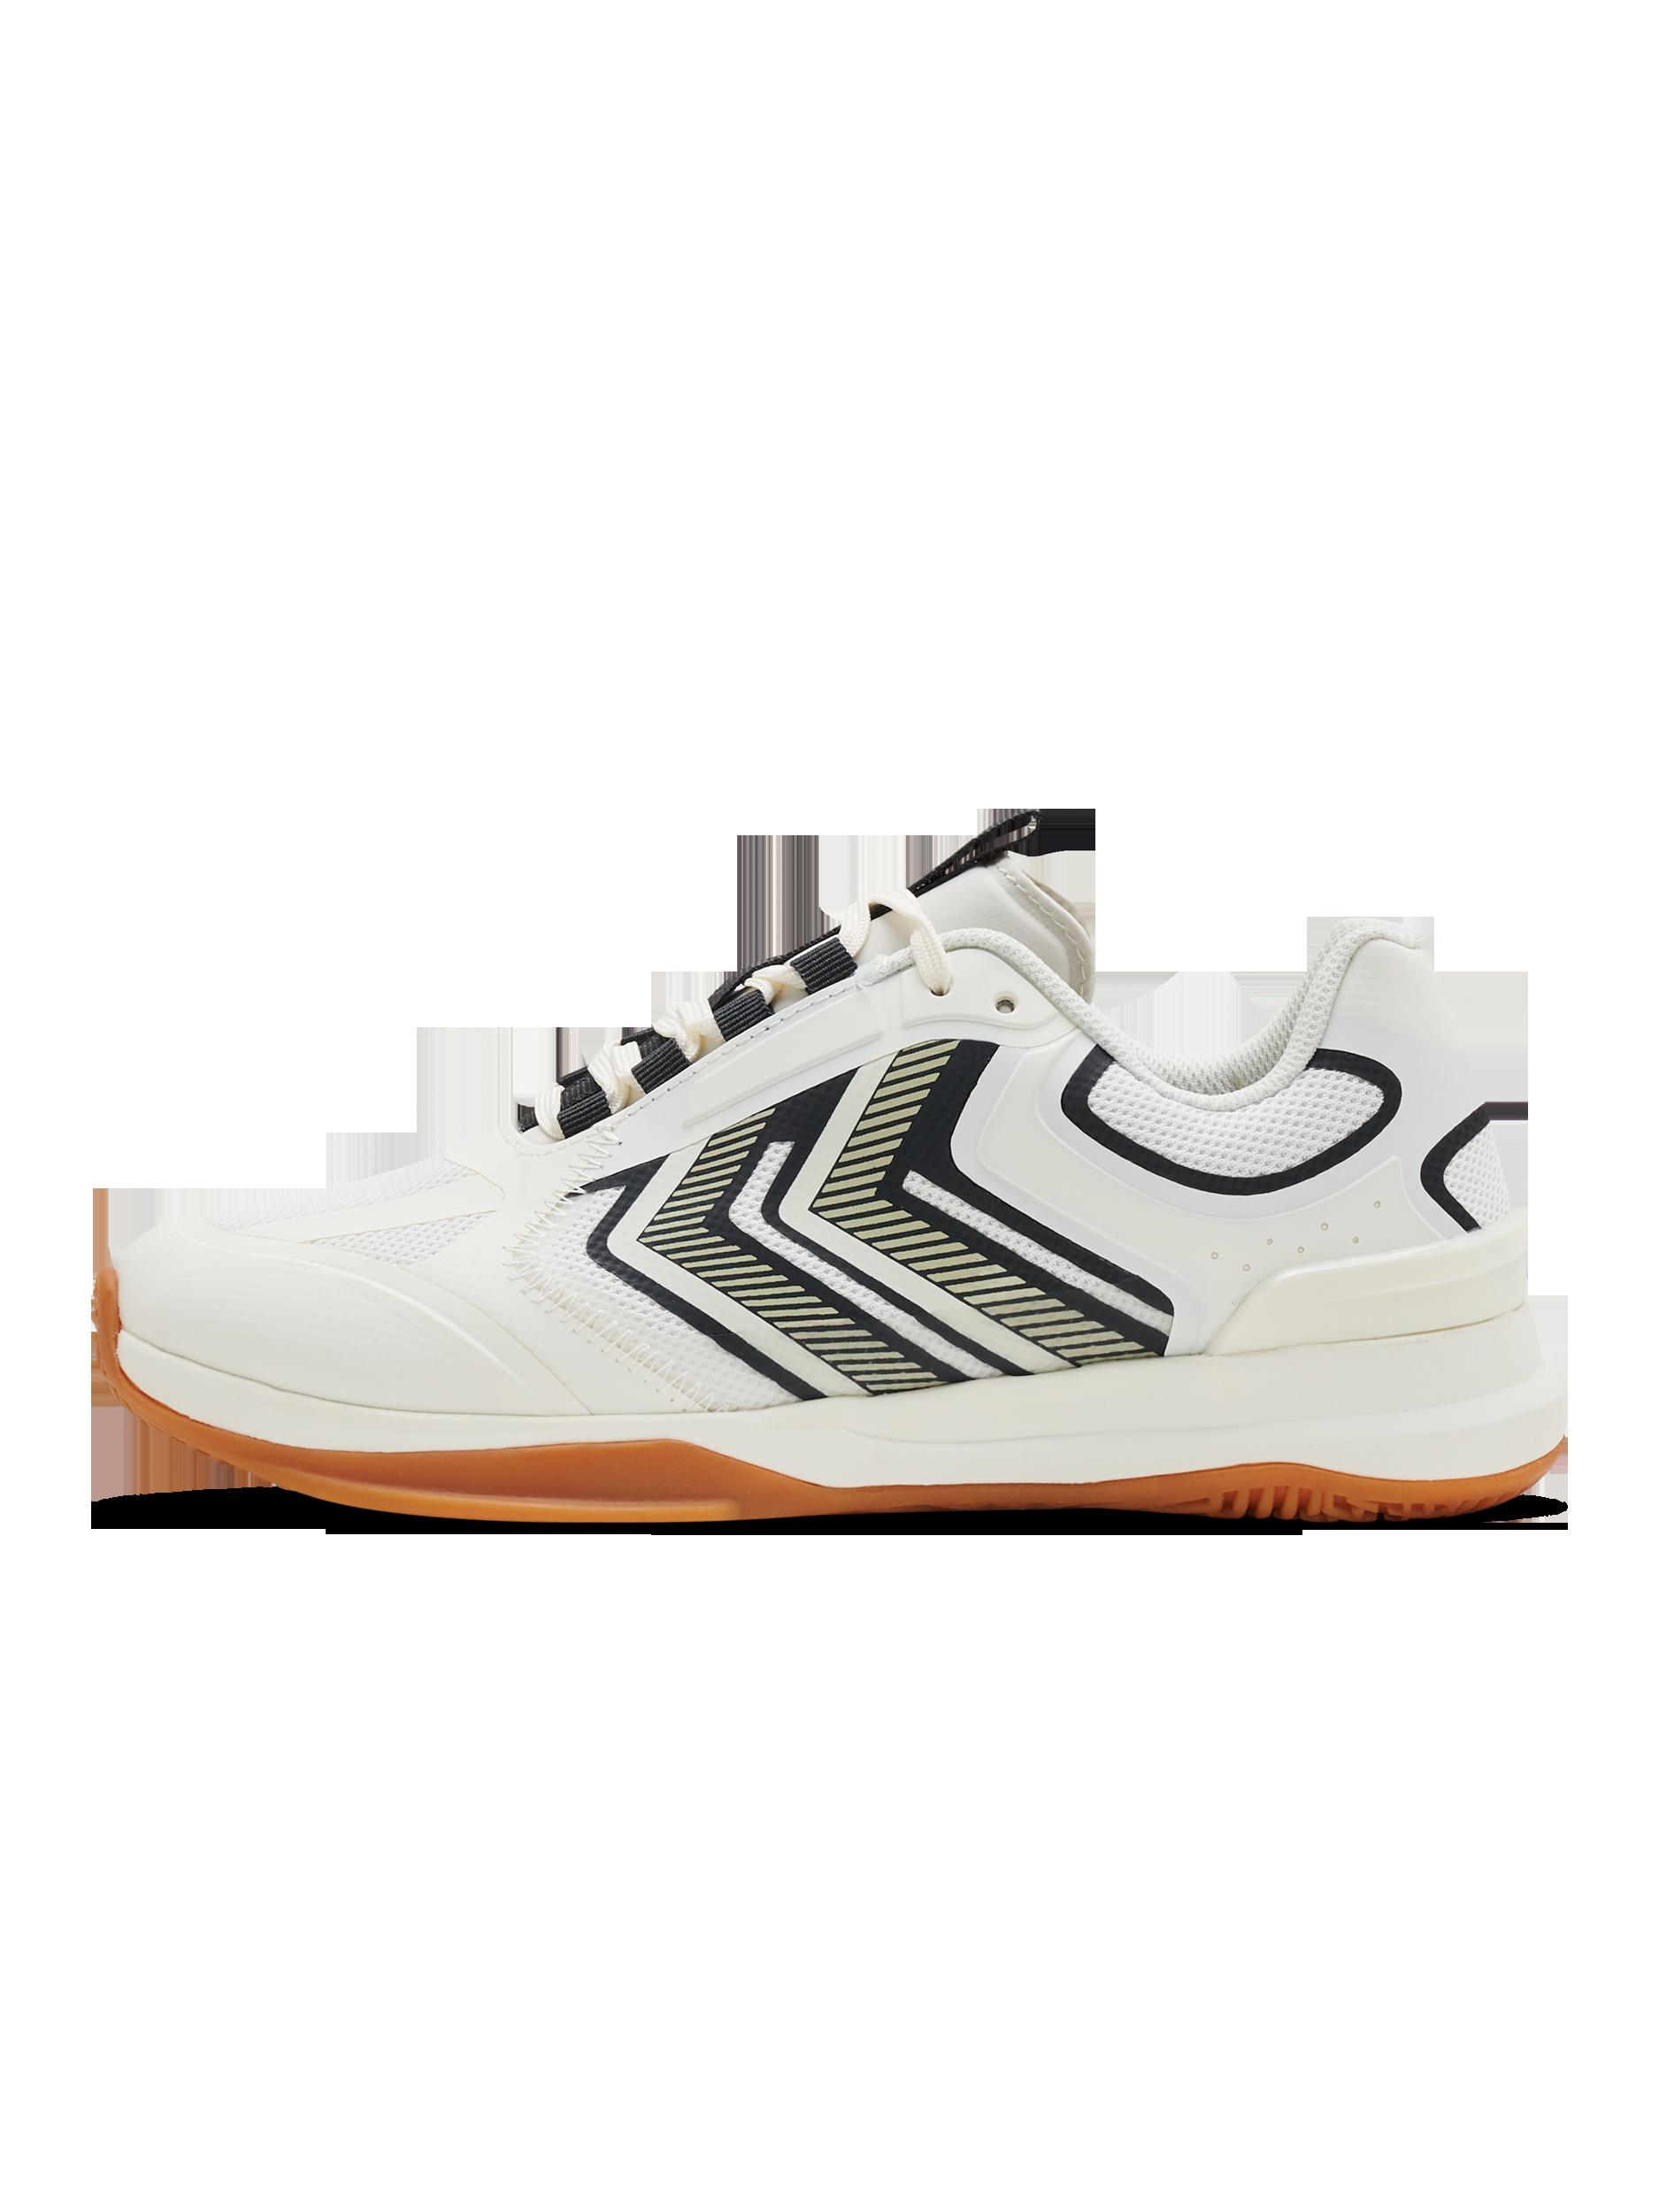 Hummel inventus Omni 1 Indoor Salles Chaussures de handball chaussures 207323 2002 WOW SALE